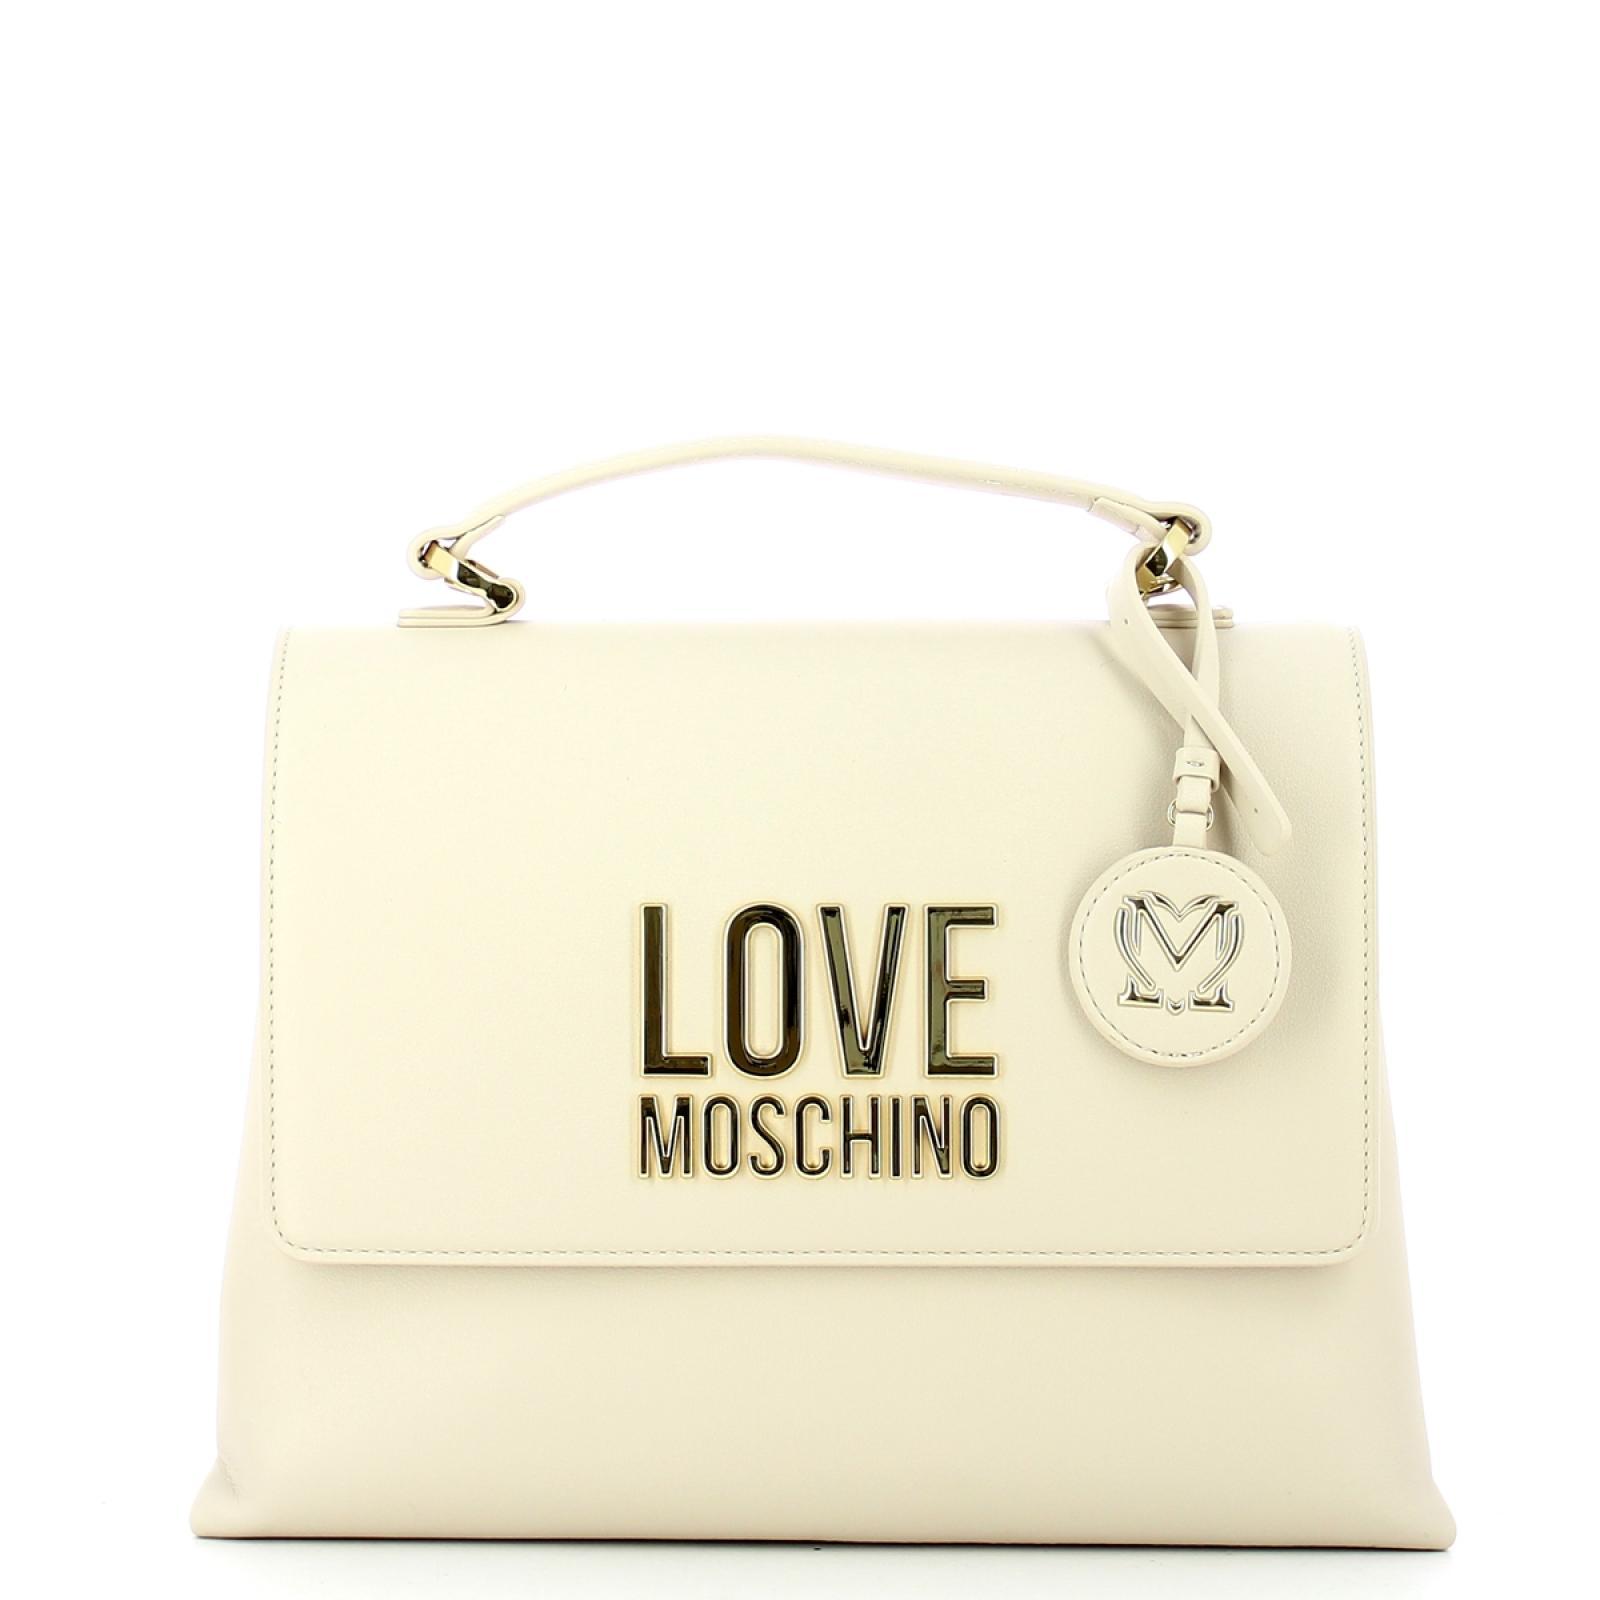 Love Moschino Borsa a mano Gold Metal Logo - 1